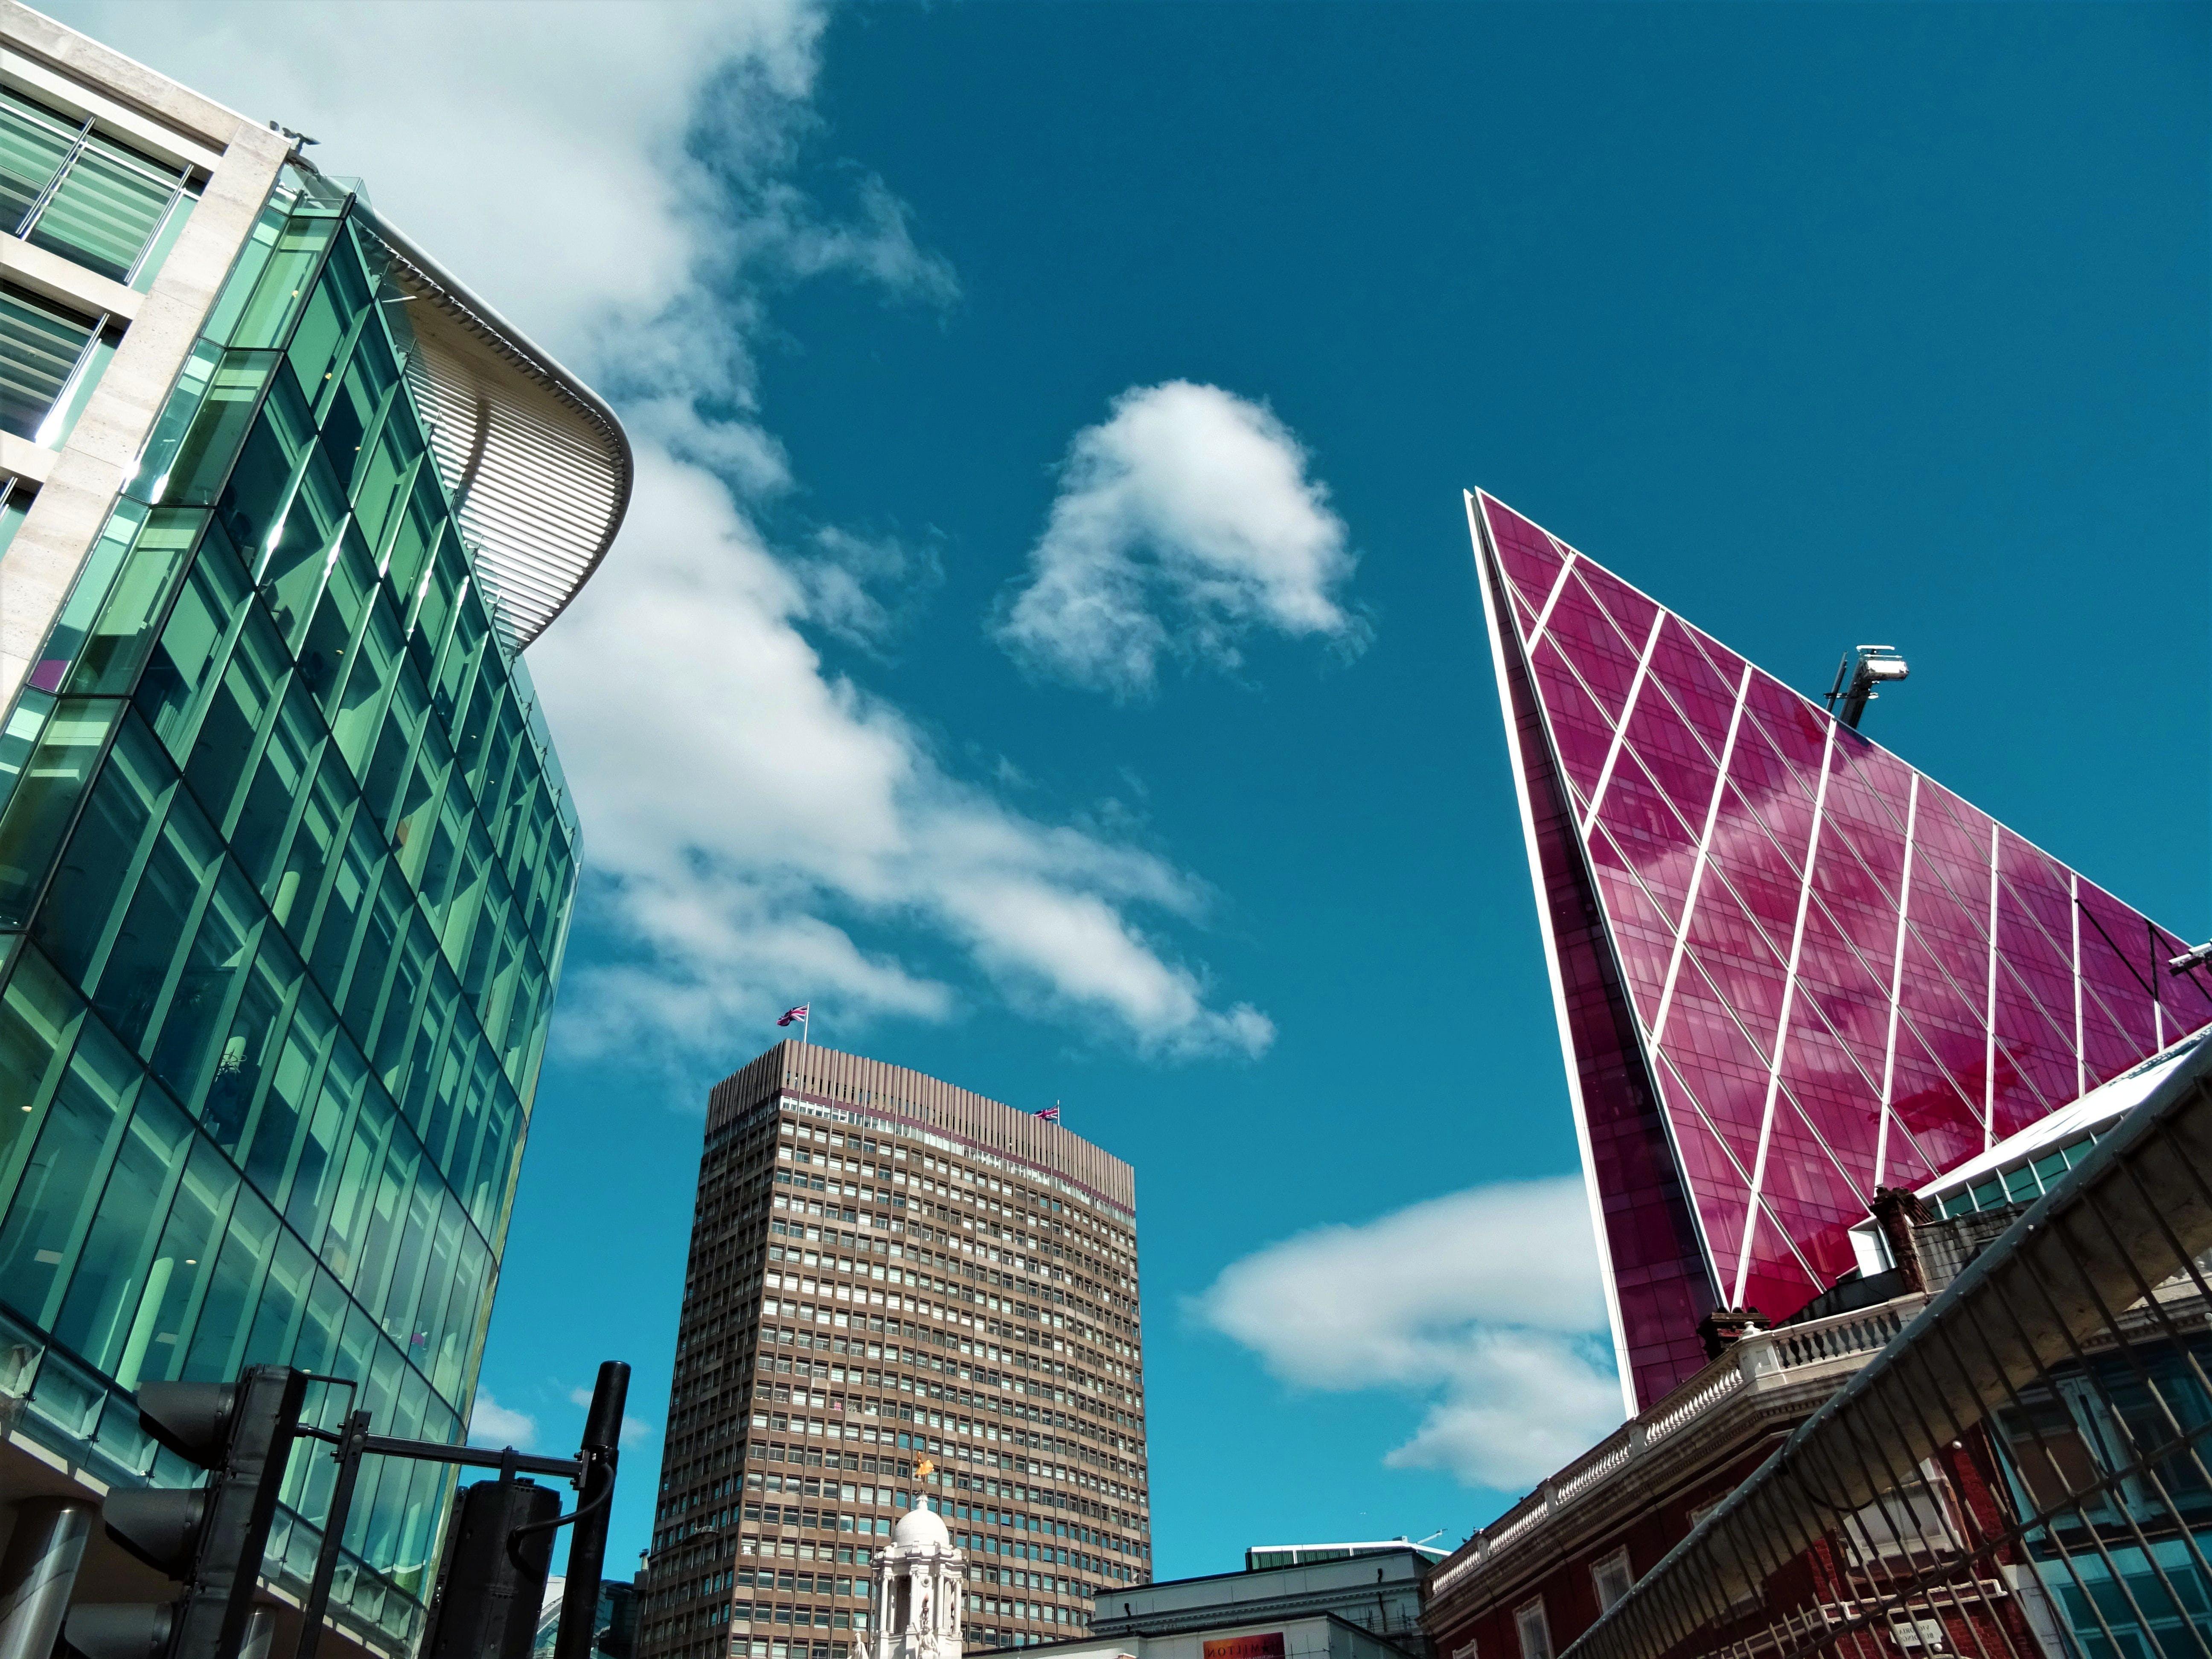 Foto d'estoc gratuïta de arquitectura, articles de vidre, cel, ciutat